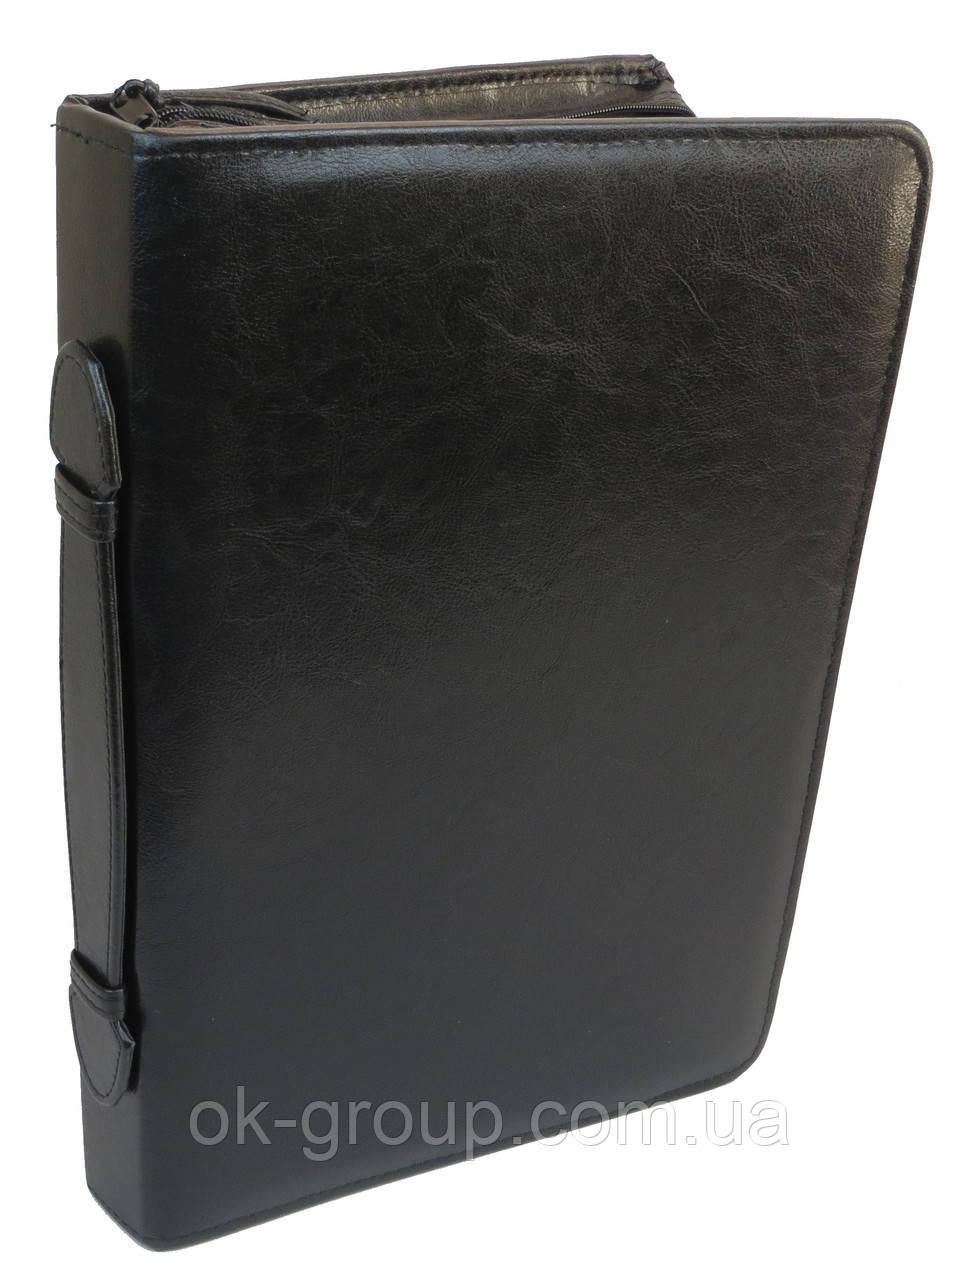 Папка деловая с ручкой из эко кожи JPB Польша AK-10